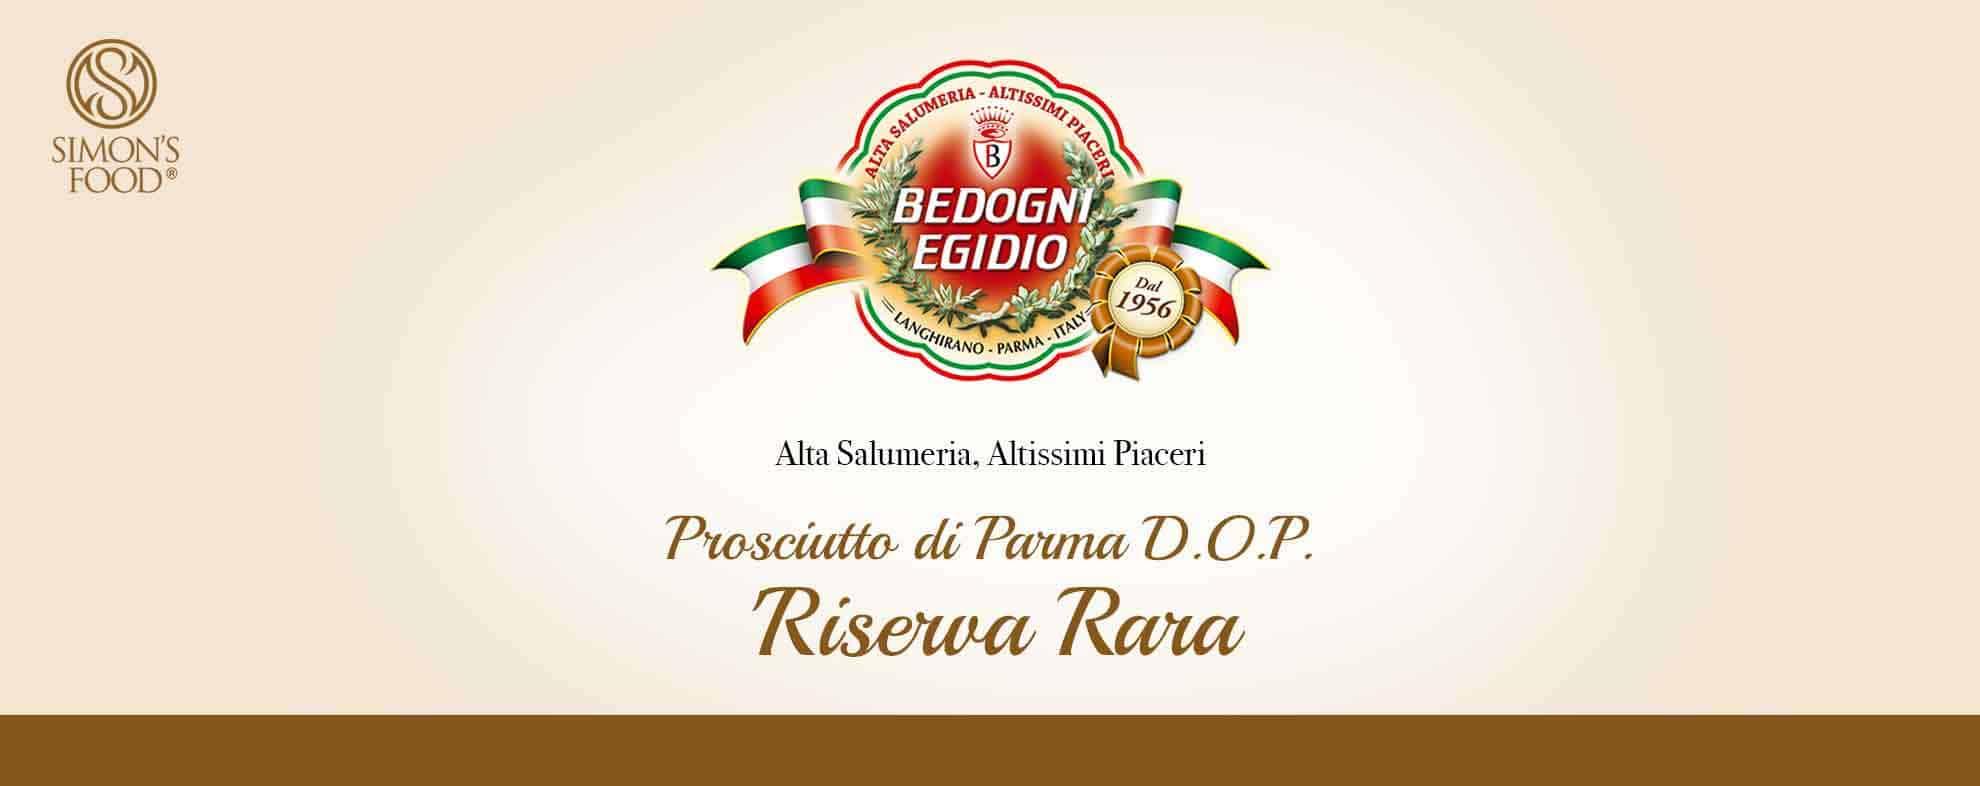 Prosciuttificio Bedogni - Prosciutto di Parma D.O.P.